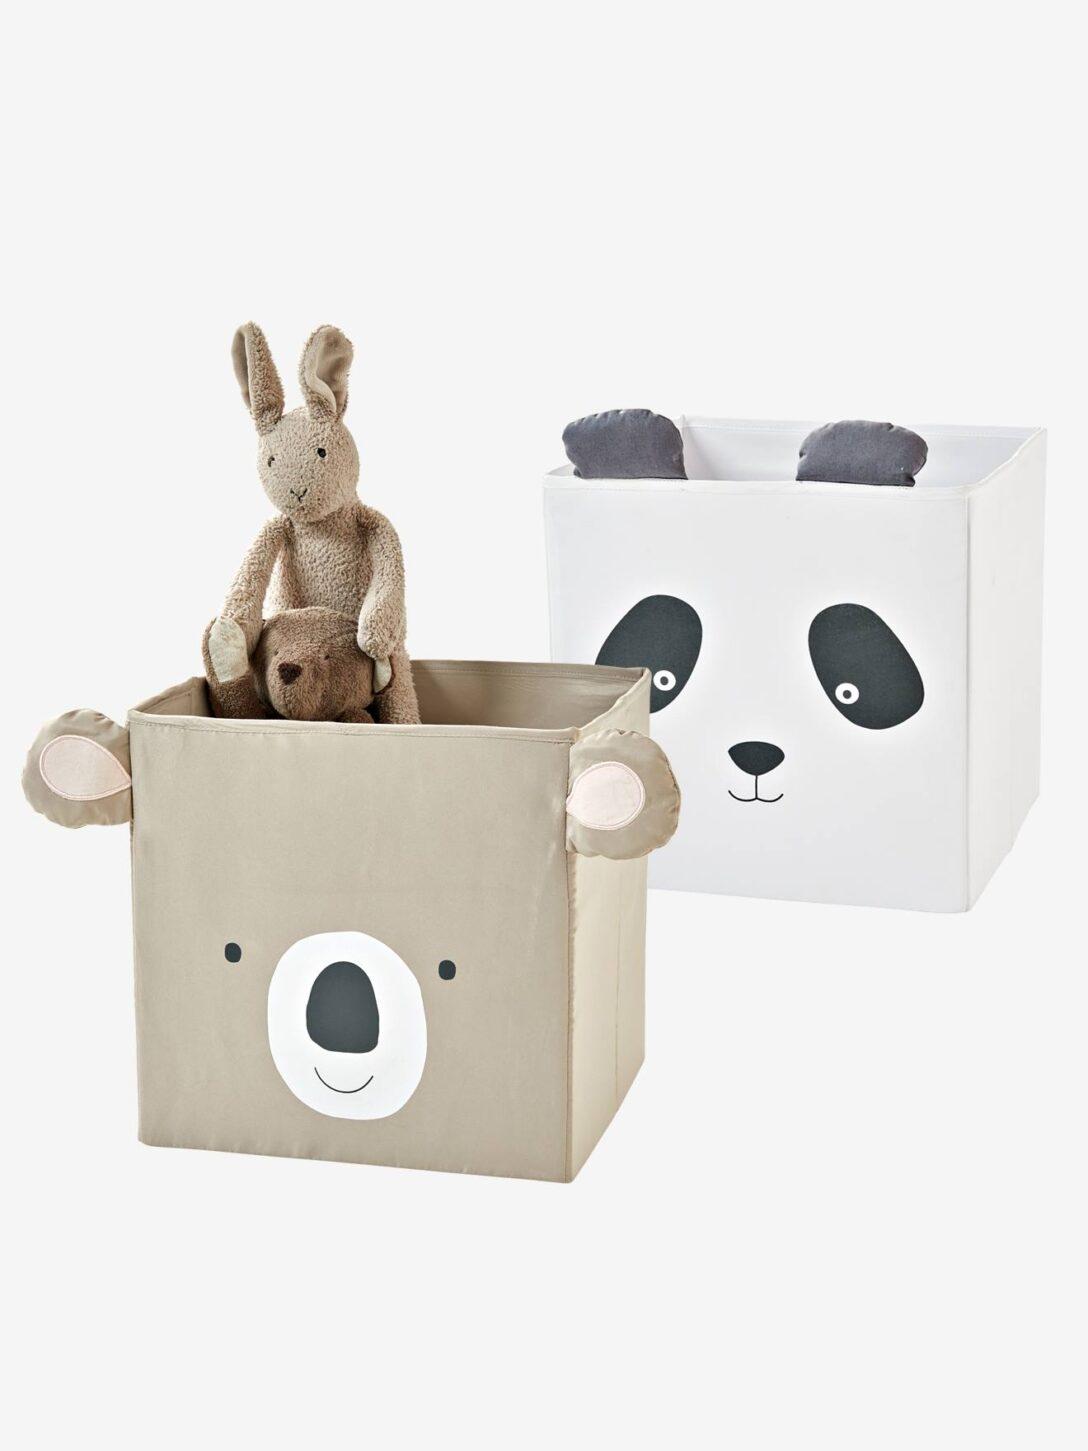 Large Size of Aufbewahrungsboxen Kinderzimmer Aufbewahrungsbox Ebay Design Mint Plastik Stapelbar Amazon Holz Mit Deckel Vertbaudet 2 Stoff Regale Regal Sofa Weiß Kinderzimmer Aufbewahrungsboxen Kinderzimmer